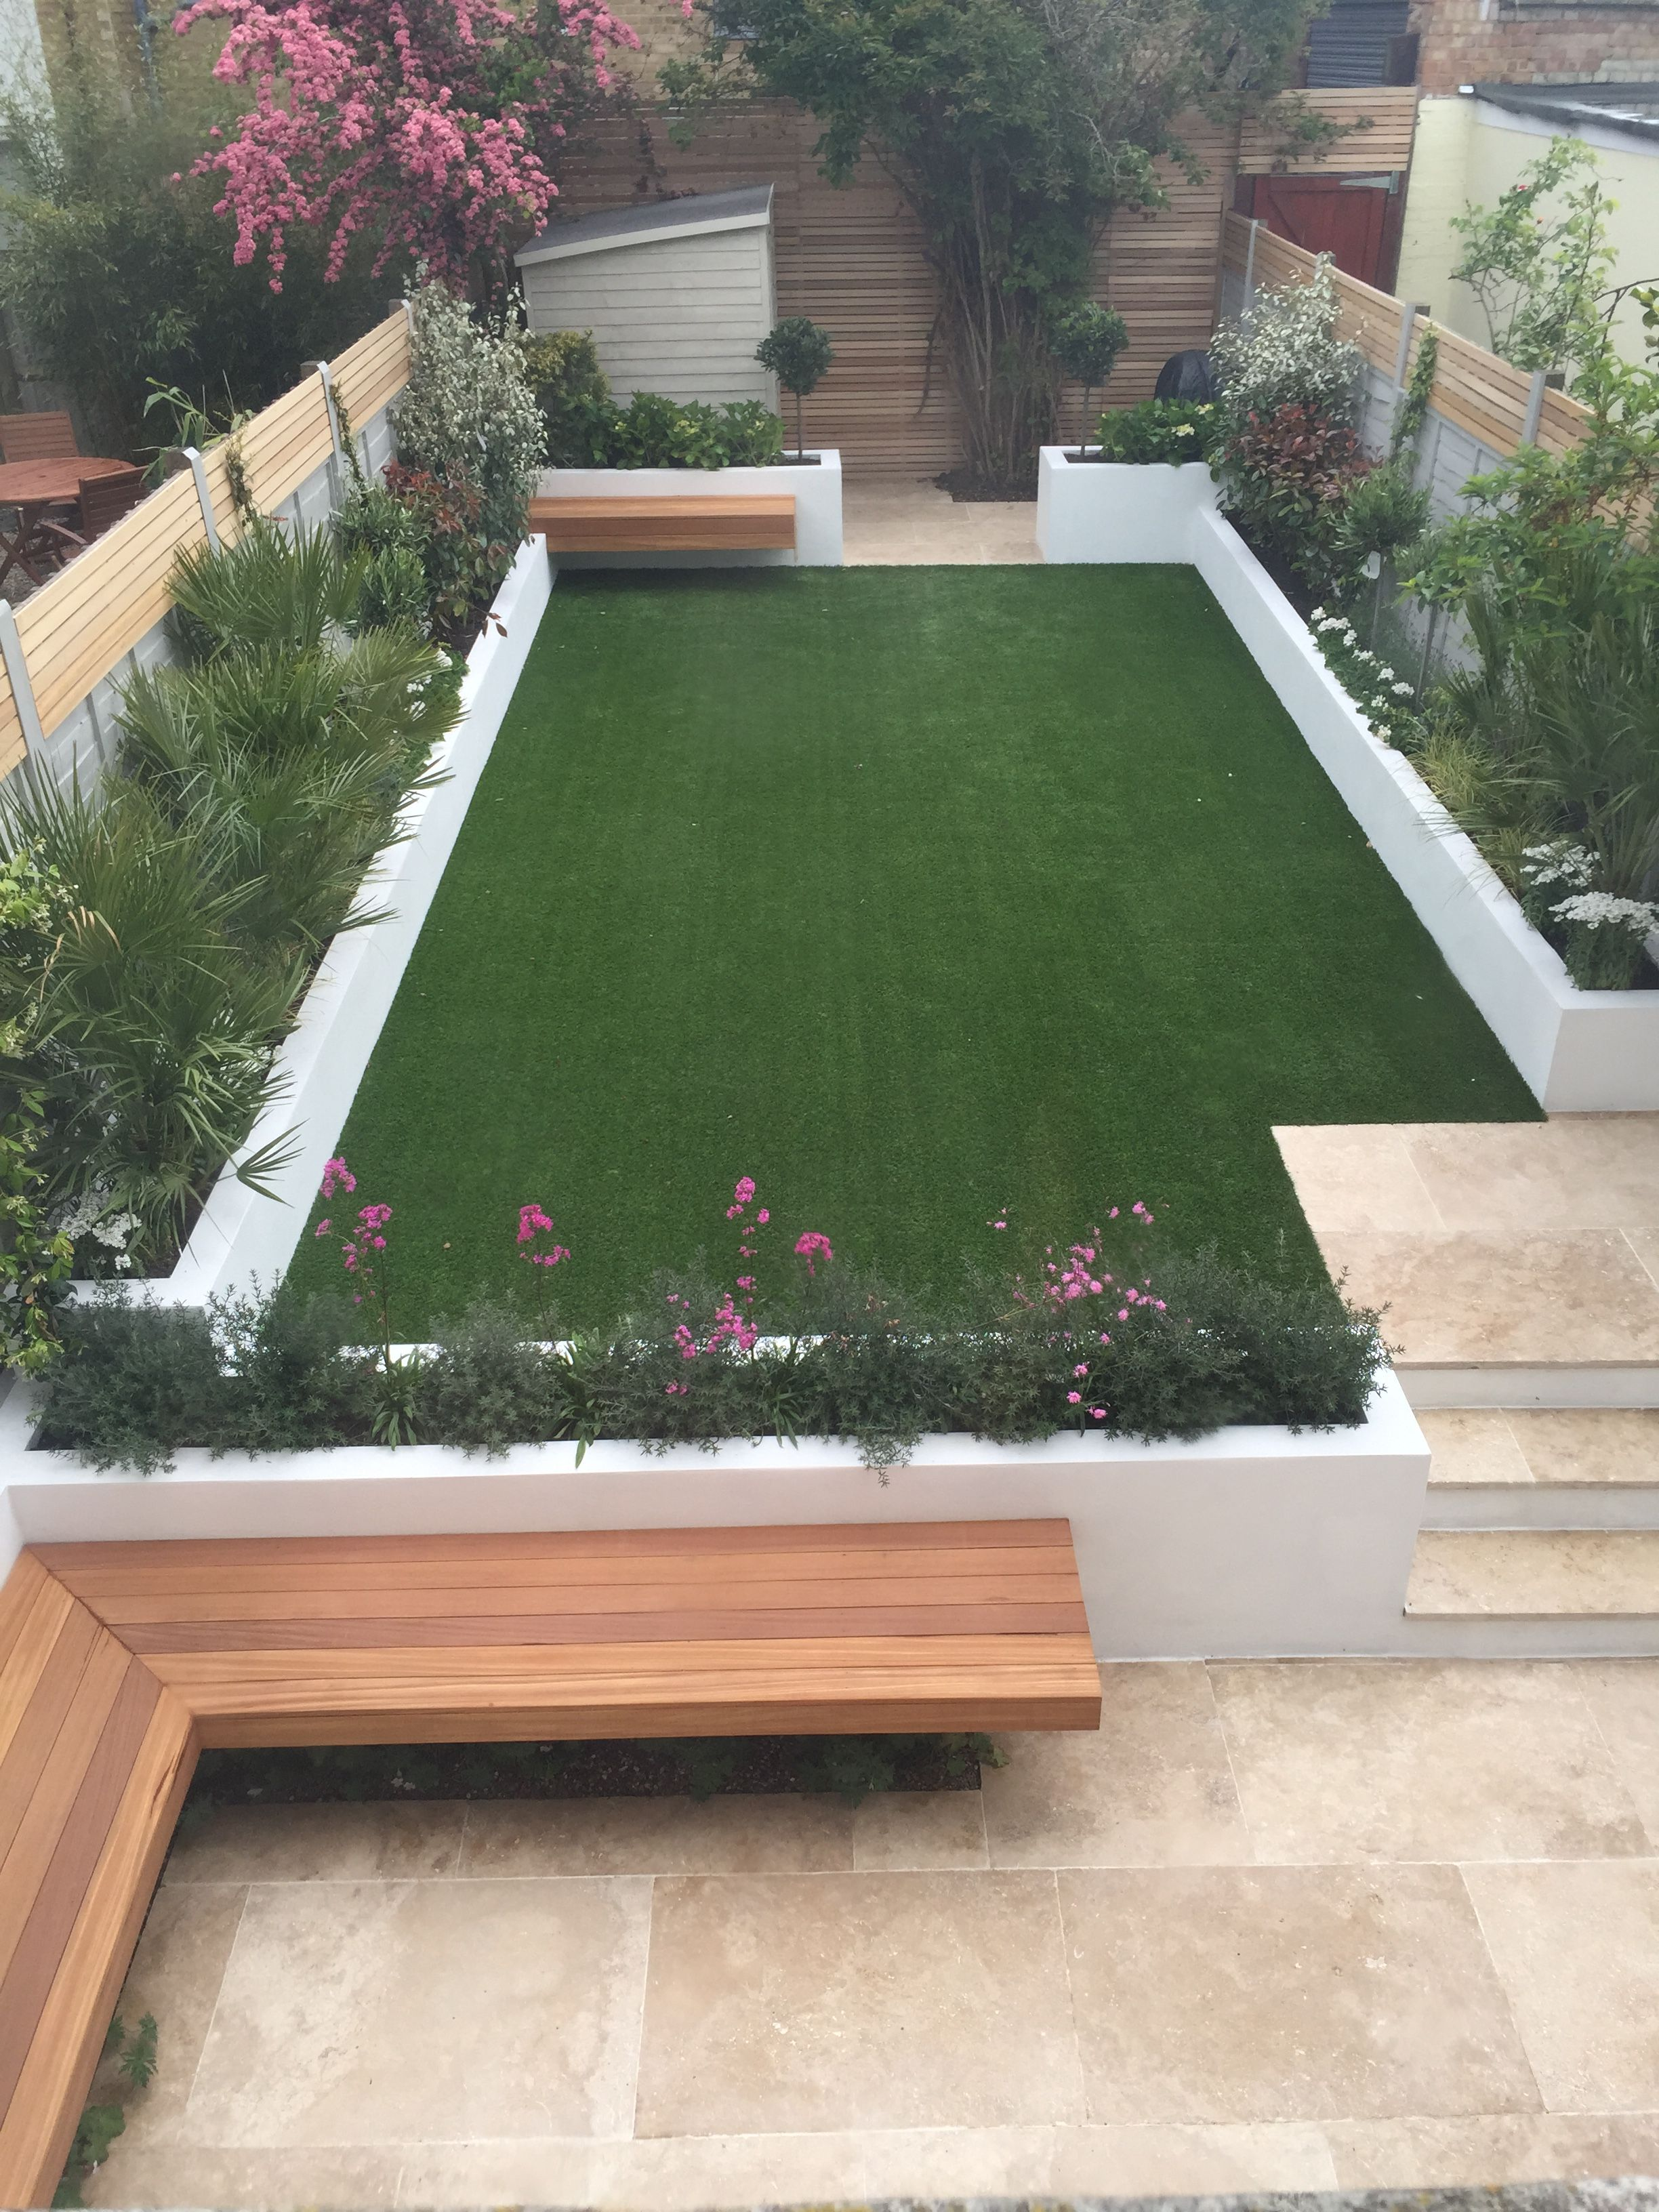 Garden Ideas Terraced House bobby & chloe | lawn care | pinterest | gardens, garden ideas and